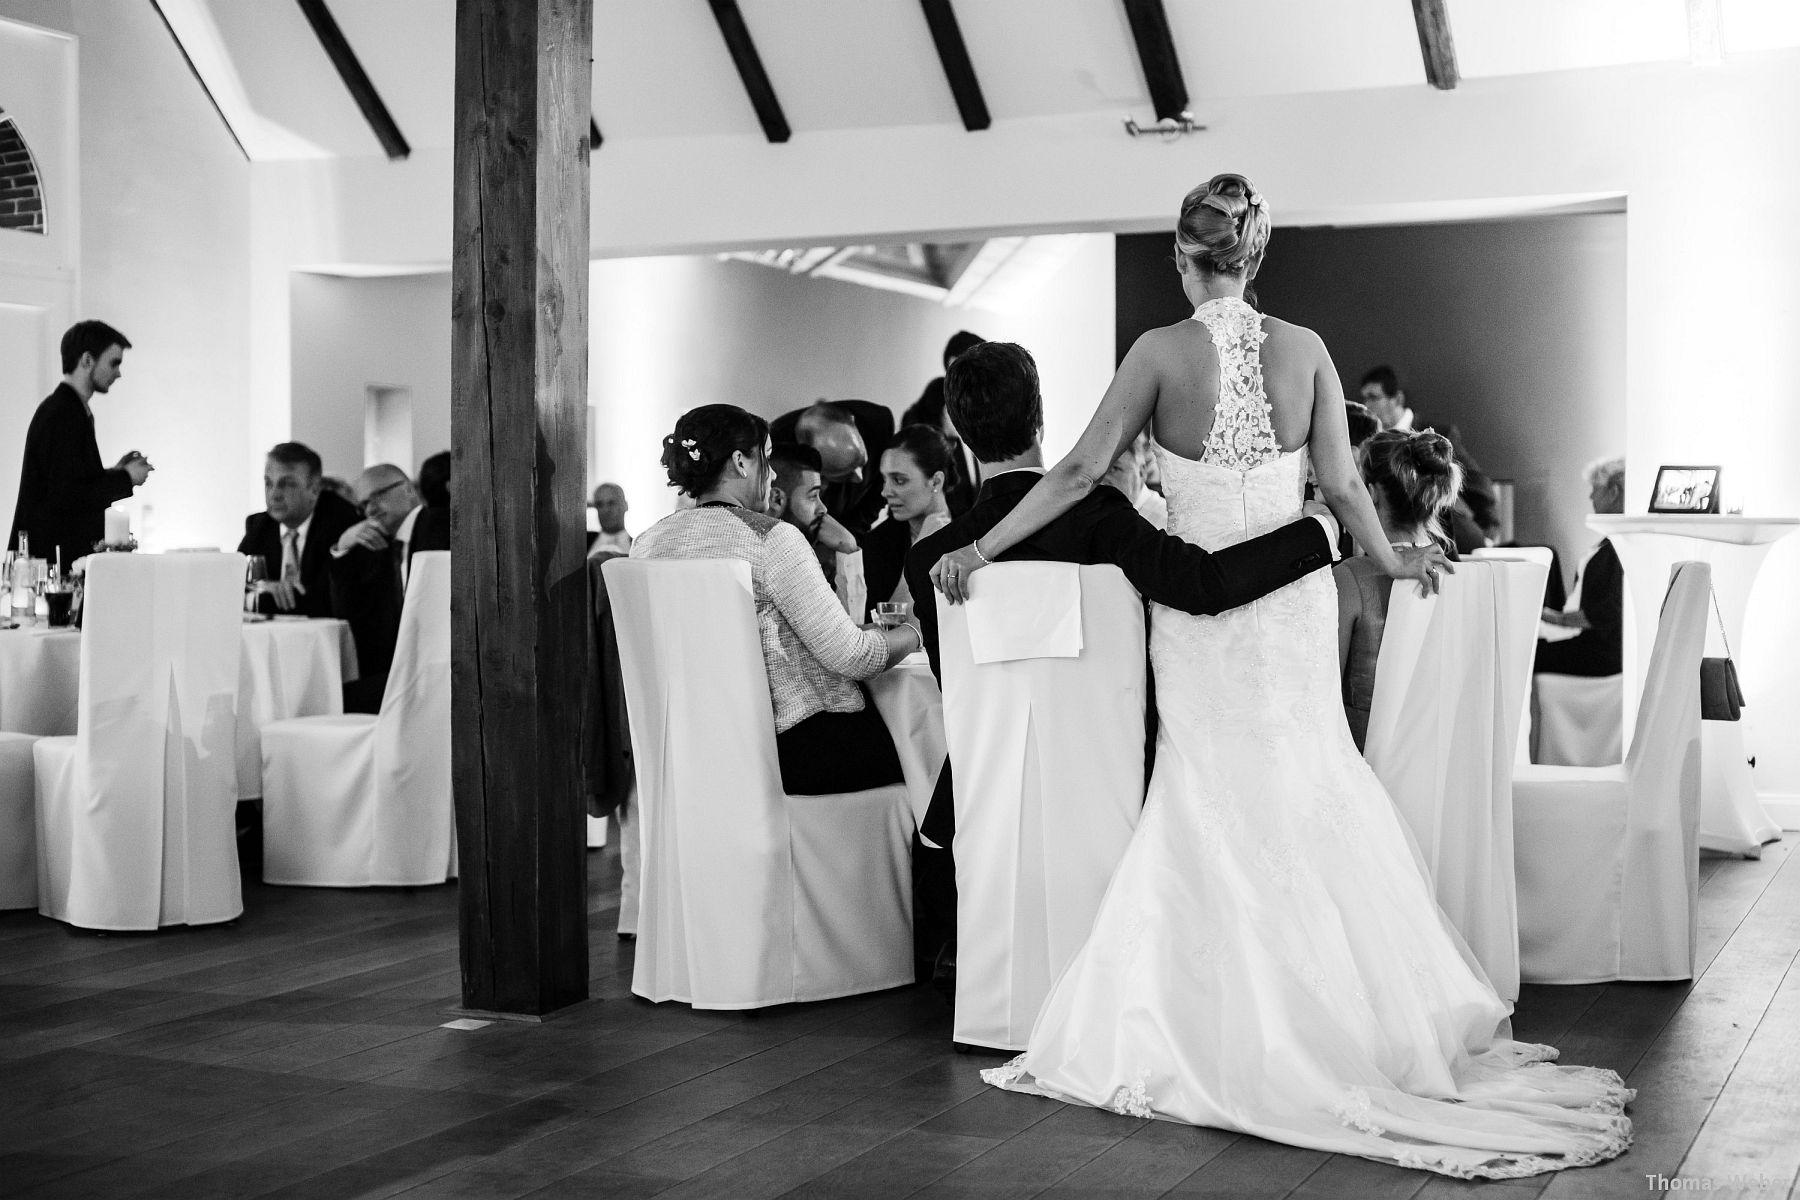 Hochzeitsfotograf Oldenburg: Hochzeit in der Eventscheune St. Georg in Rastede (74)